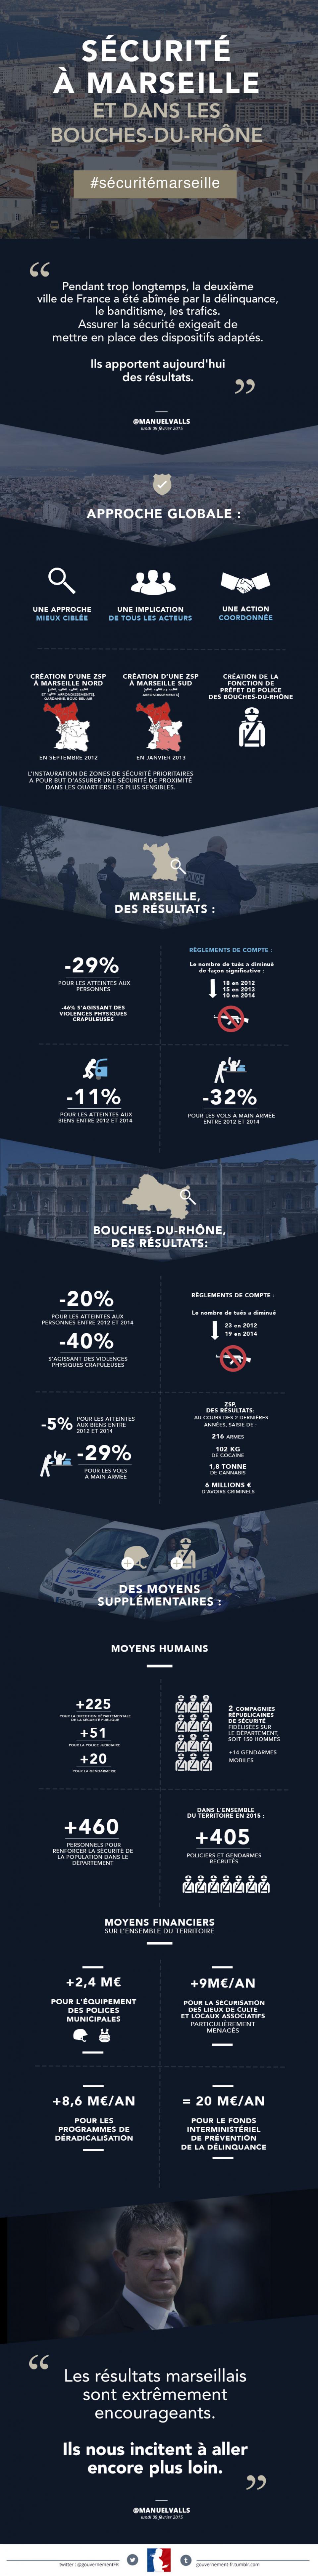 Infographie sur la sécurité à Marseille et dans les Bouches-du-Rhône - voir en plus grand